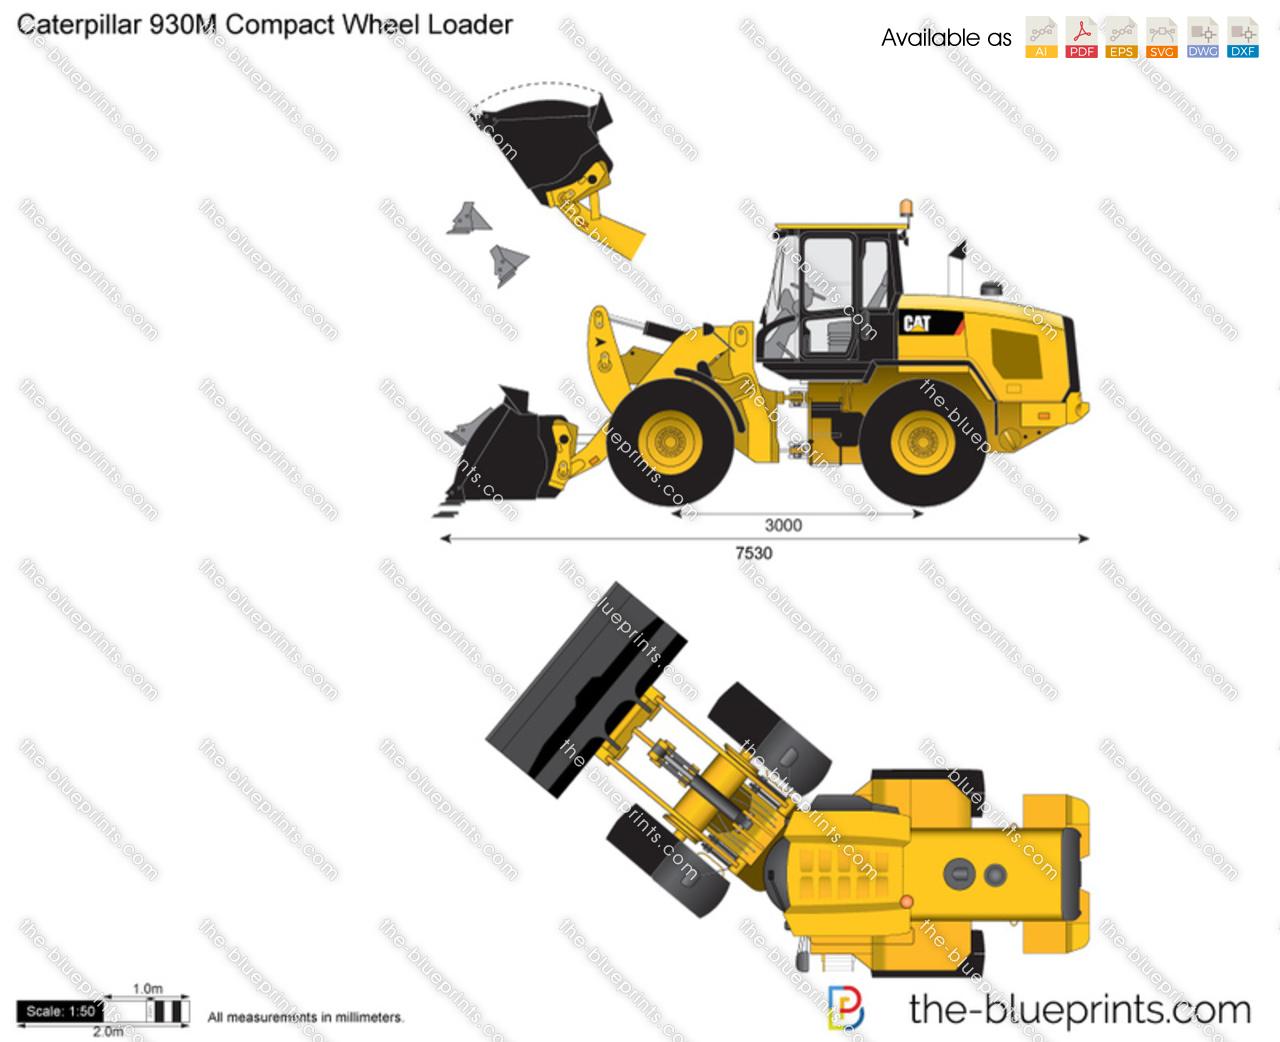 Caterpillar 930M Compact Wheel Loader